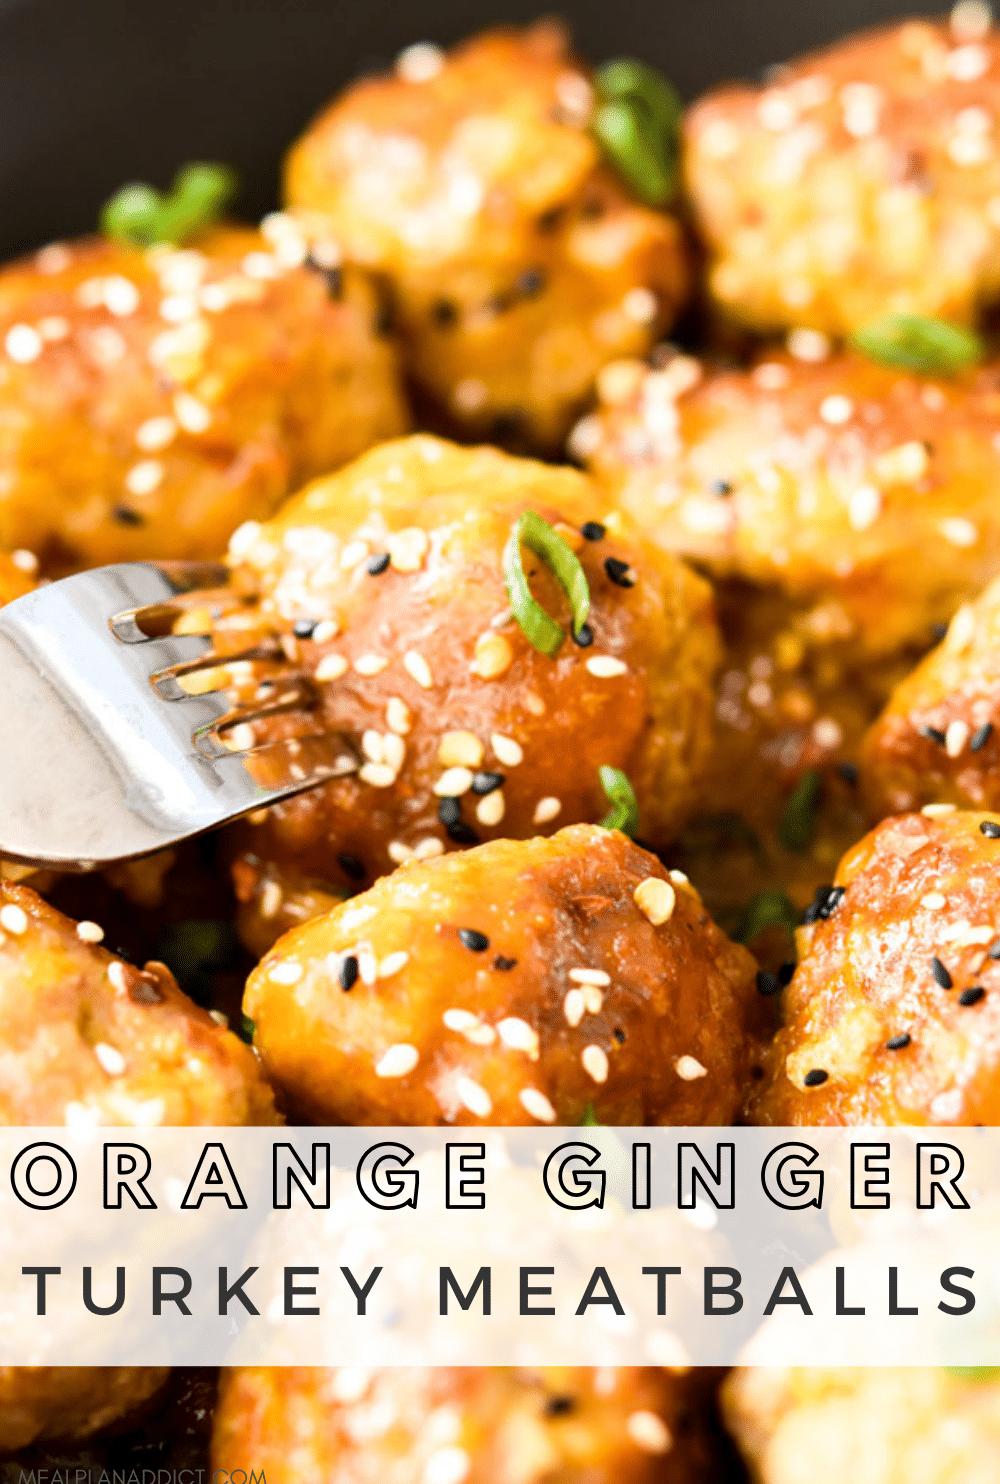 Orange ginger meatballs pin for Pinterest